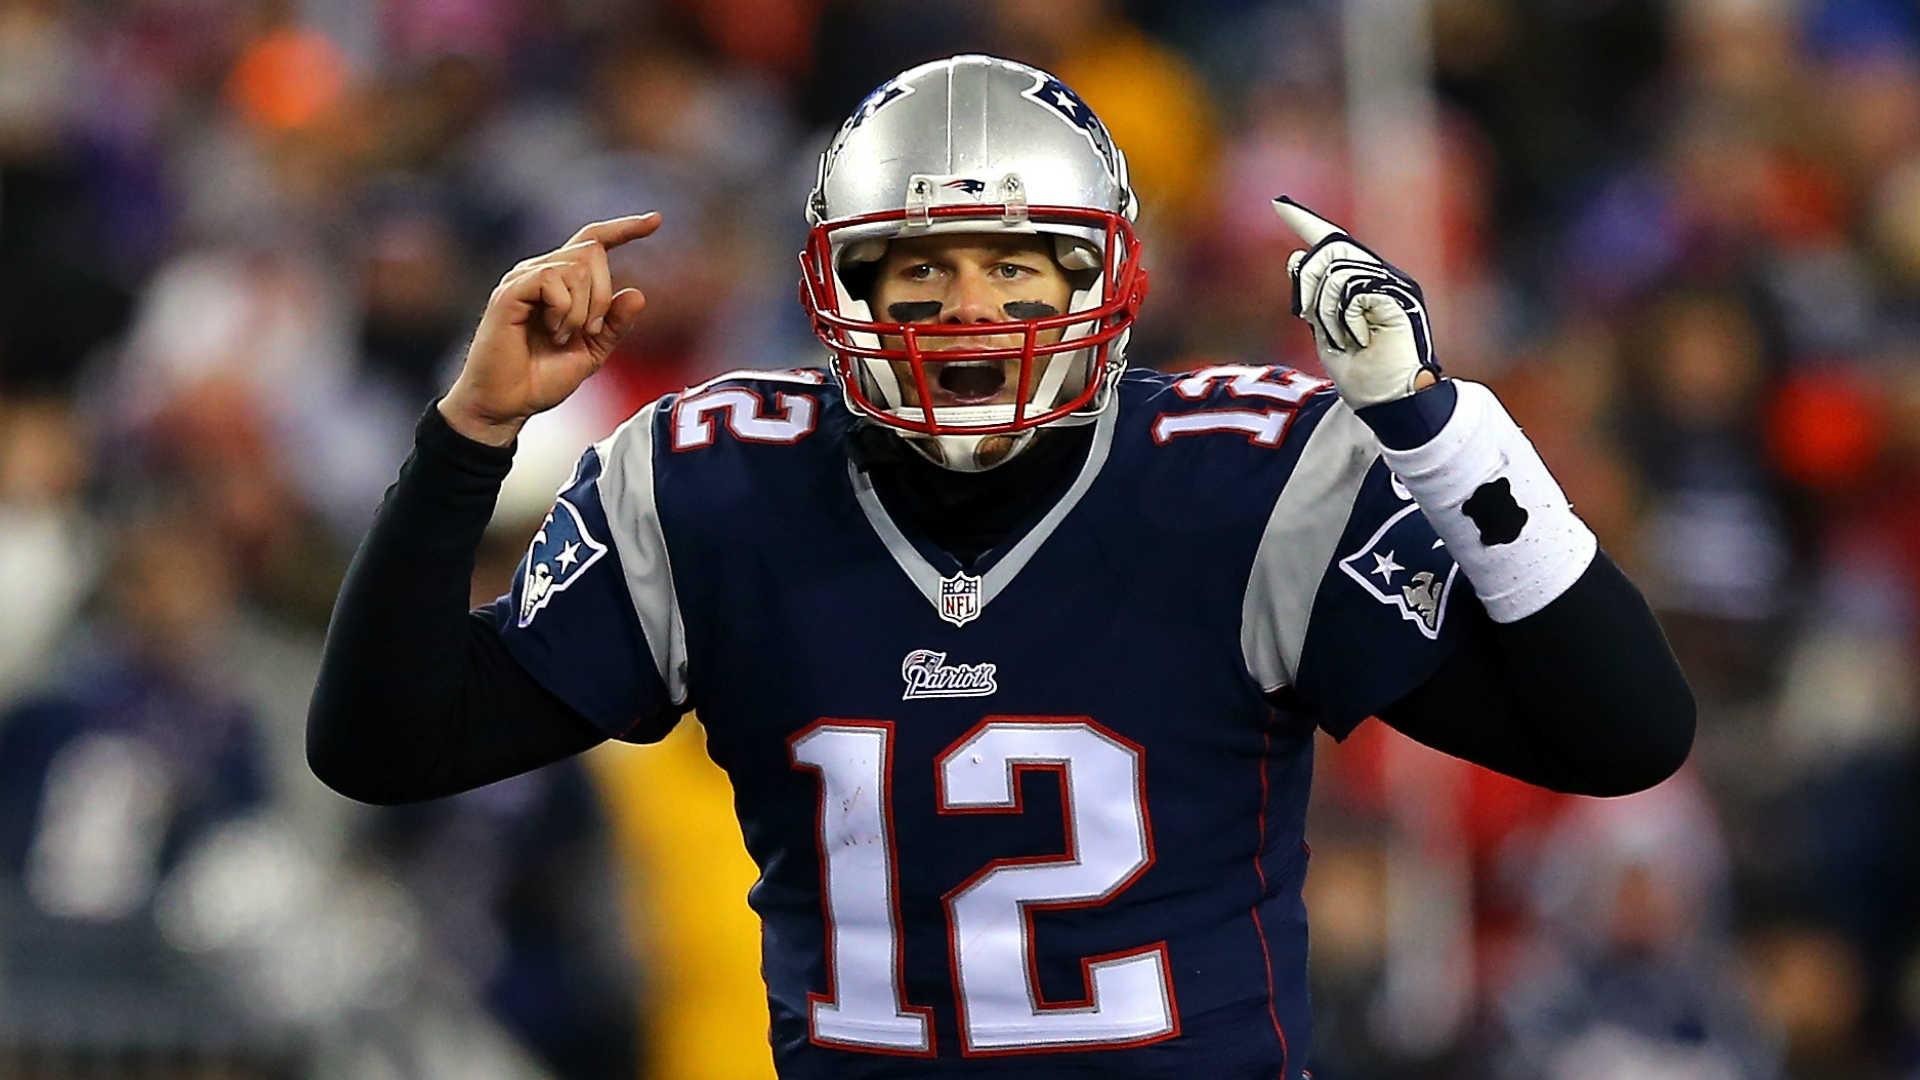 Tom-Brady-011015-Getty-FTR.jpg